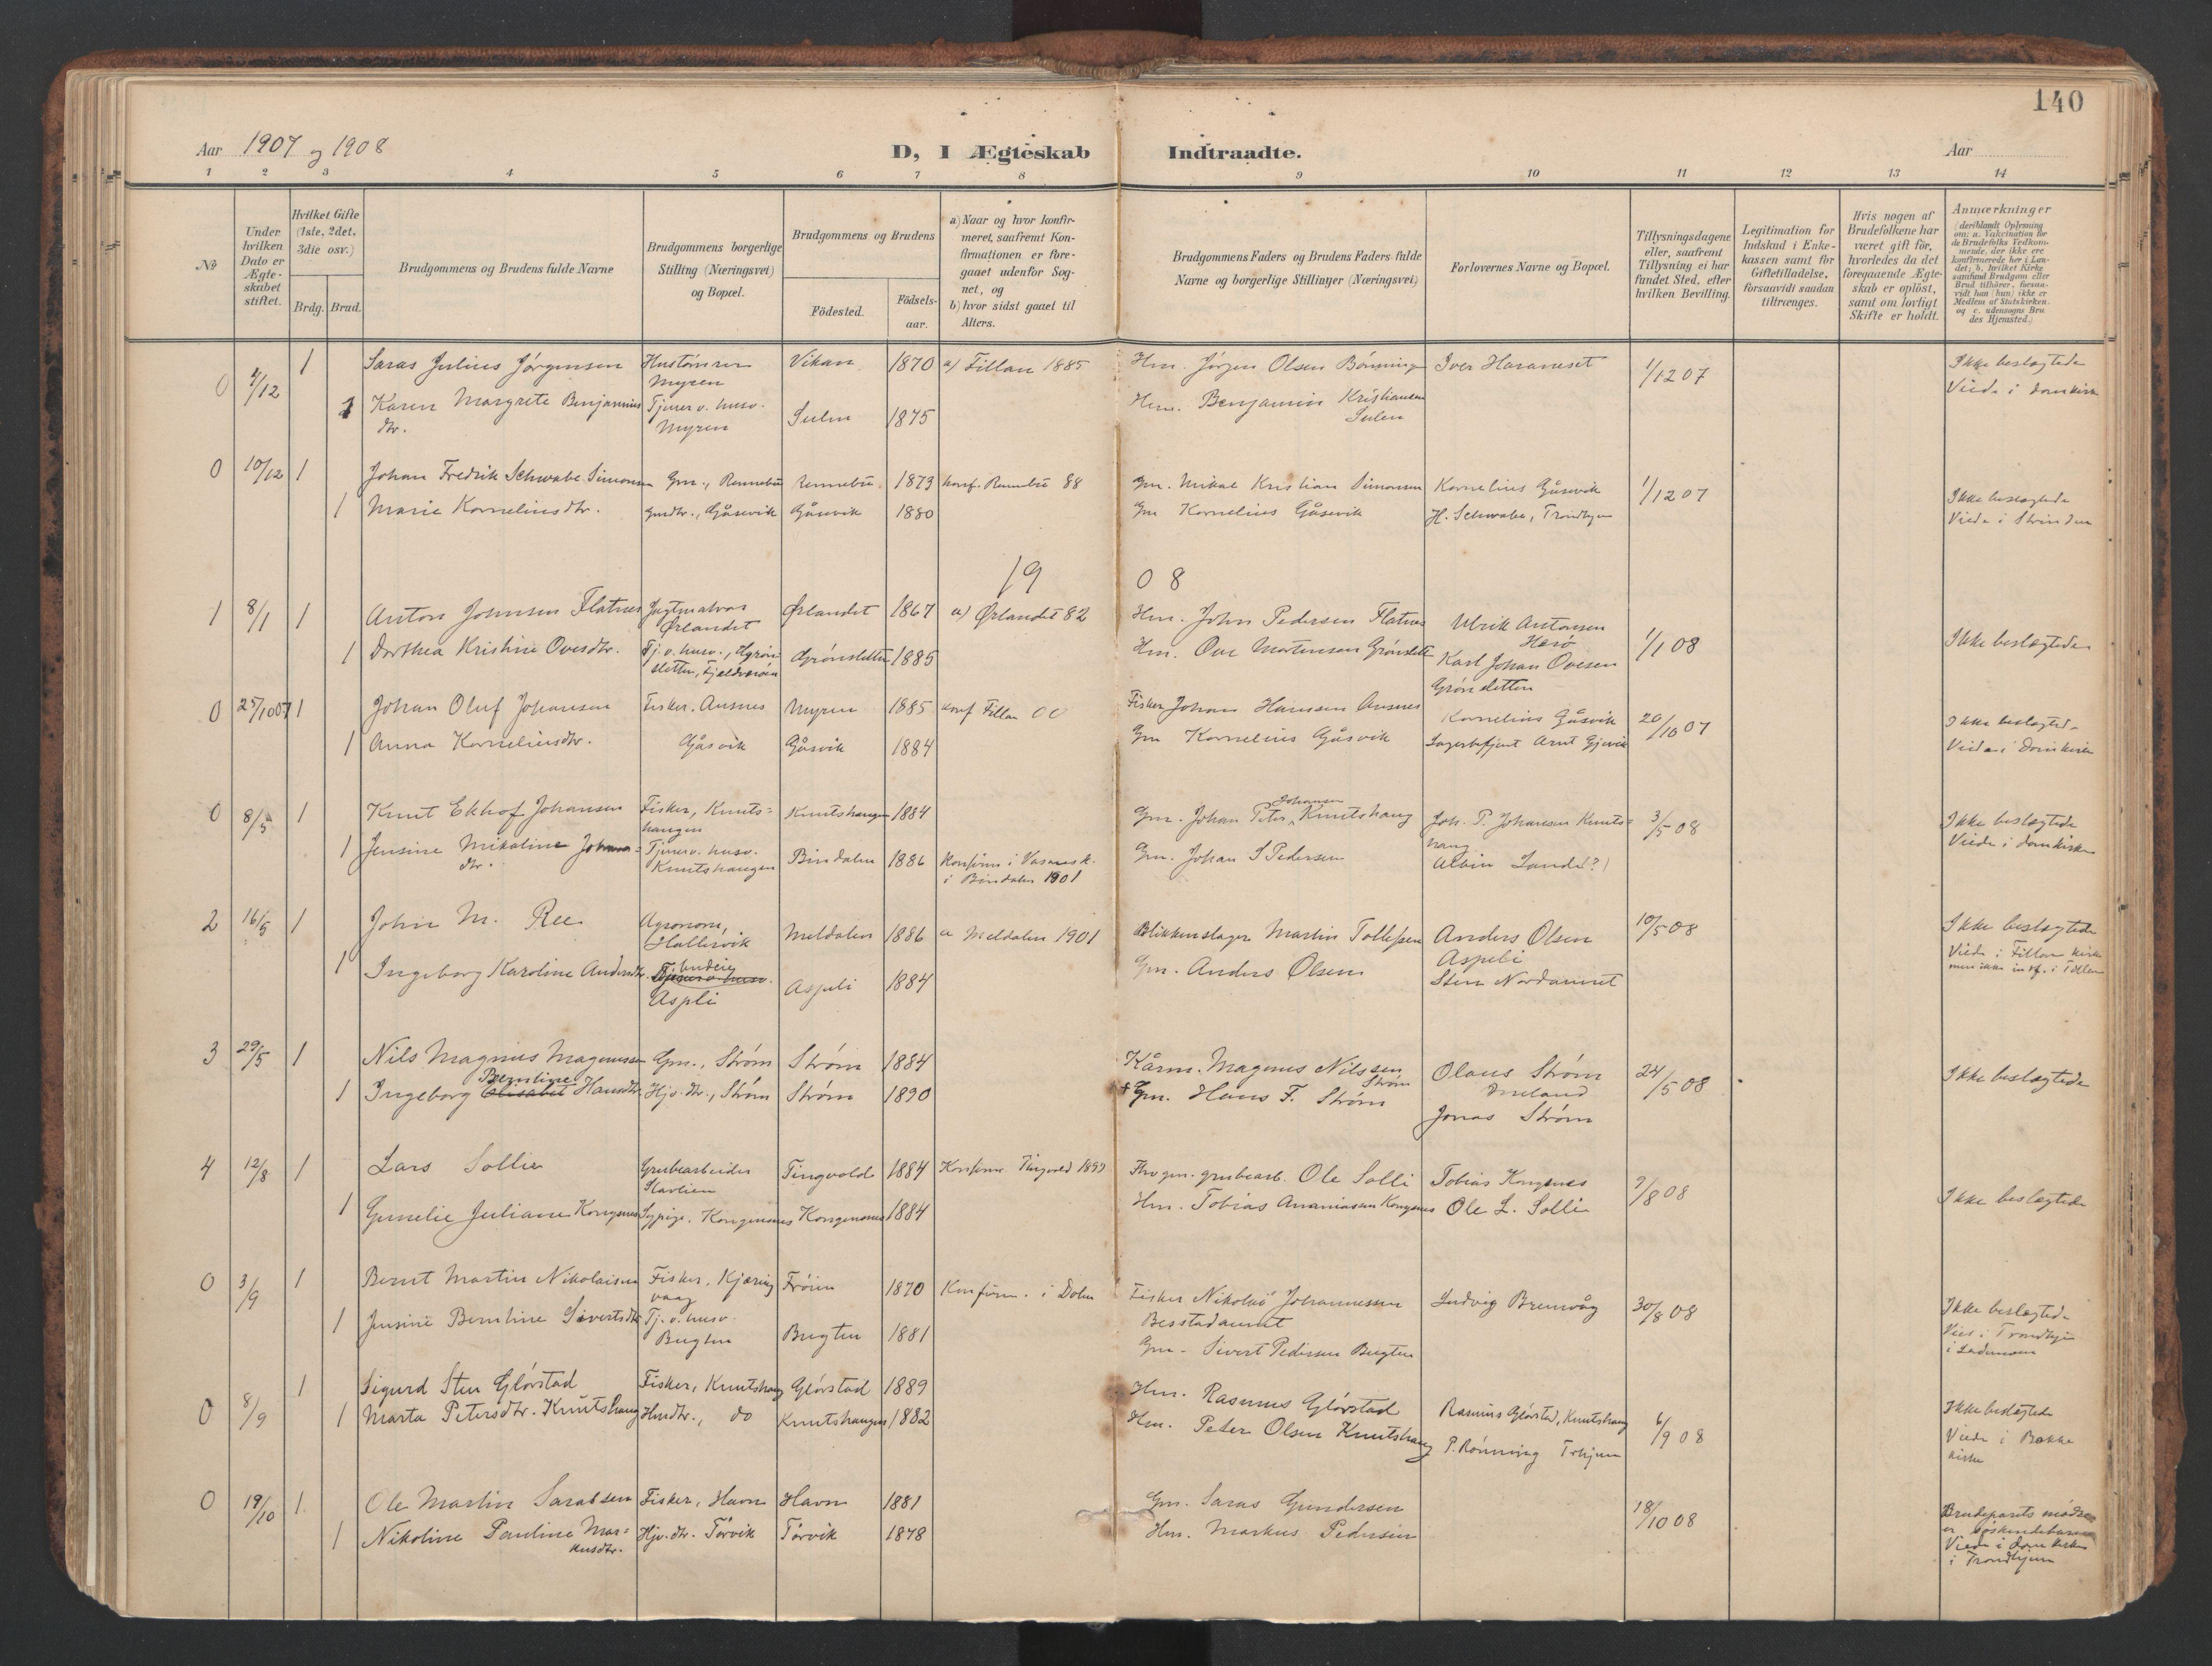 SAT, Ministerialprotokoller, klokkerbøker og fødselsregistre - Sør-Trøndelag, 634/L0537: Ministerialbok nr. 634A13, 1896-1922, s. 140